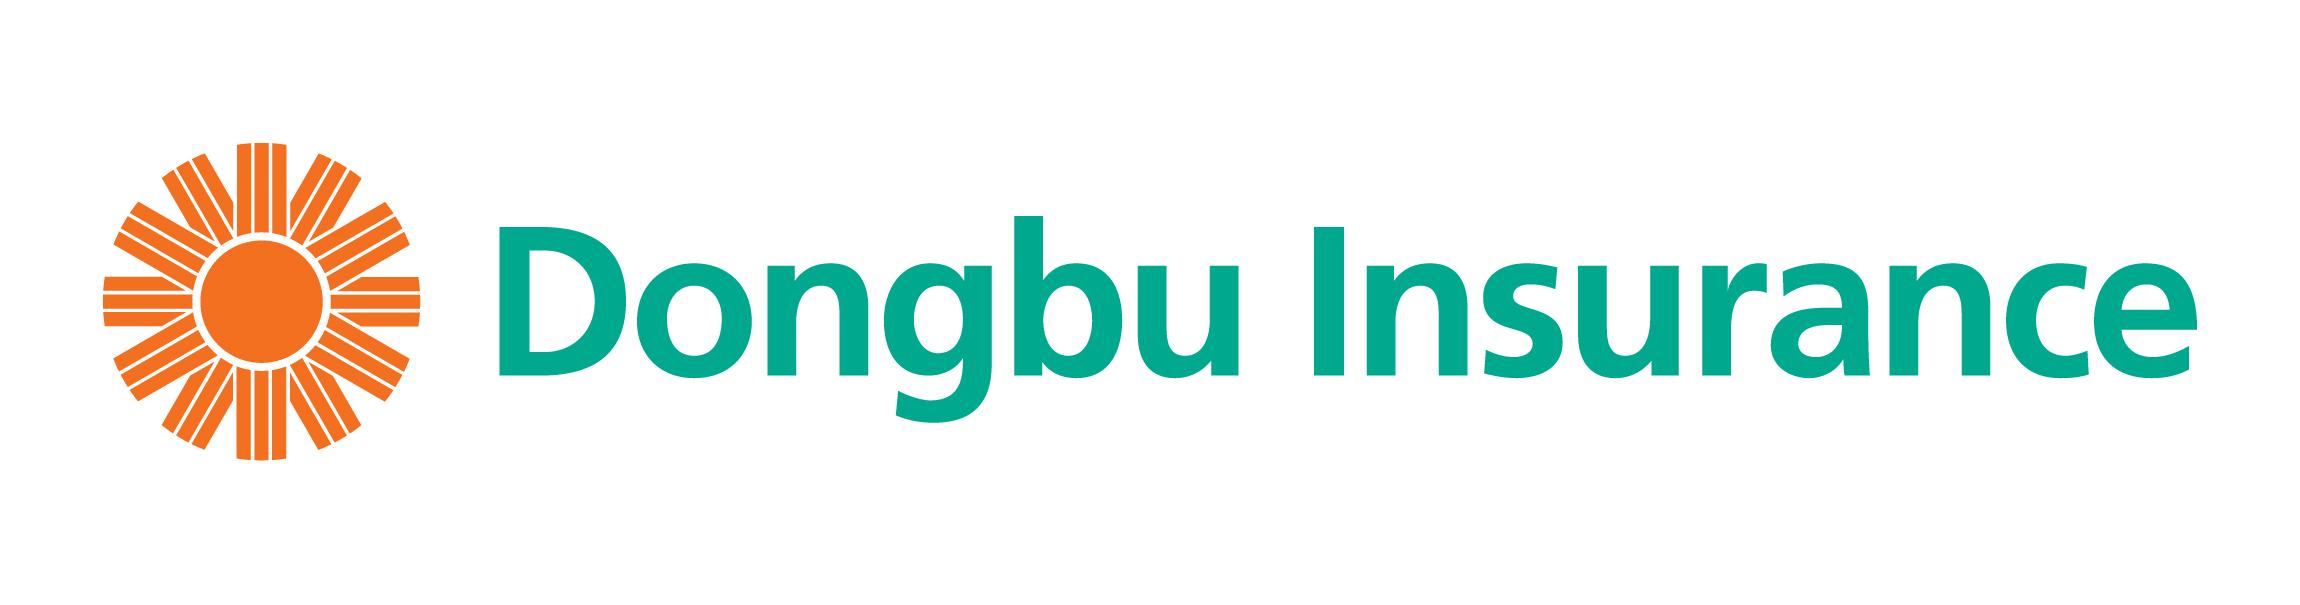 DongbuLogo